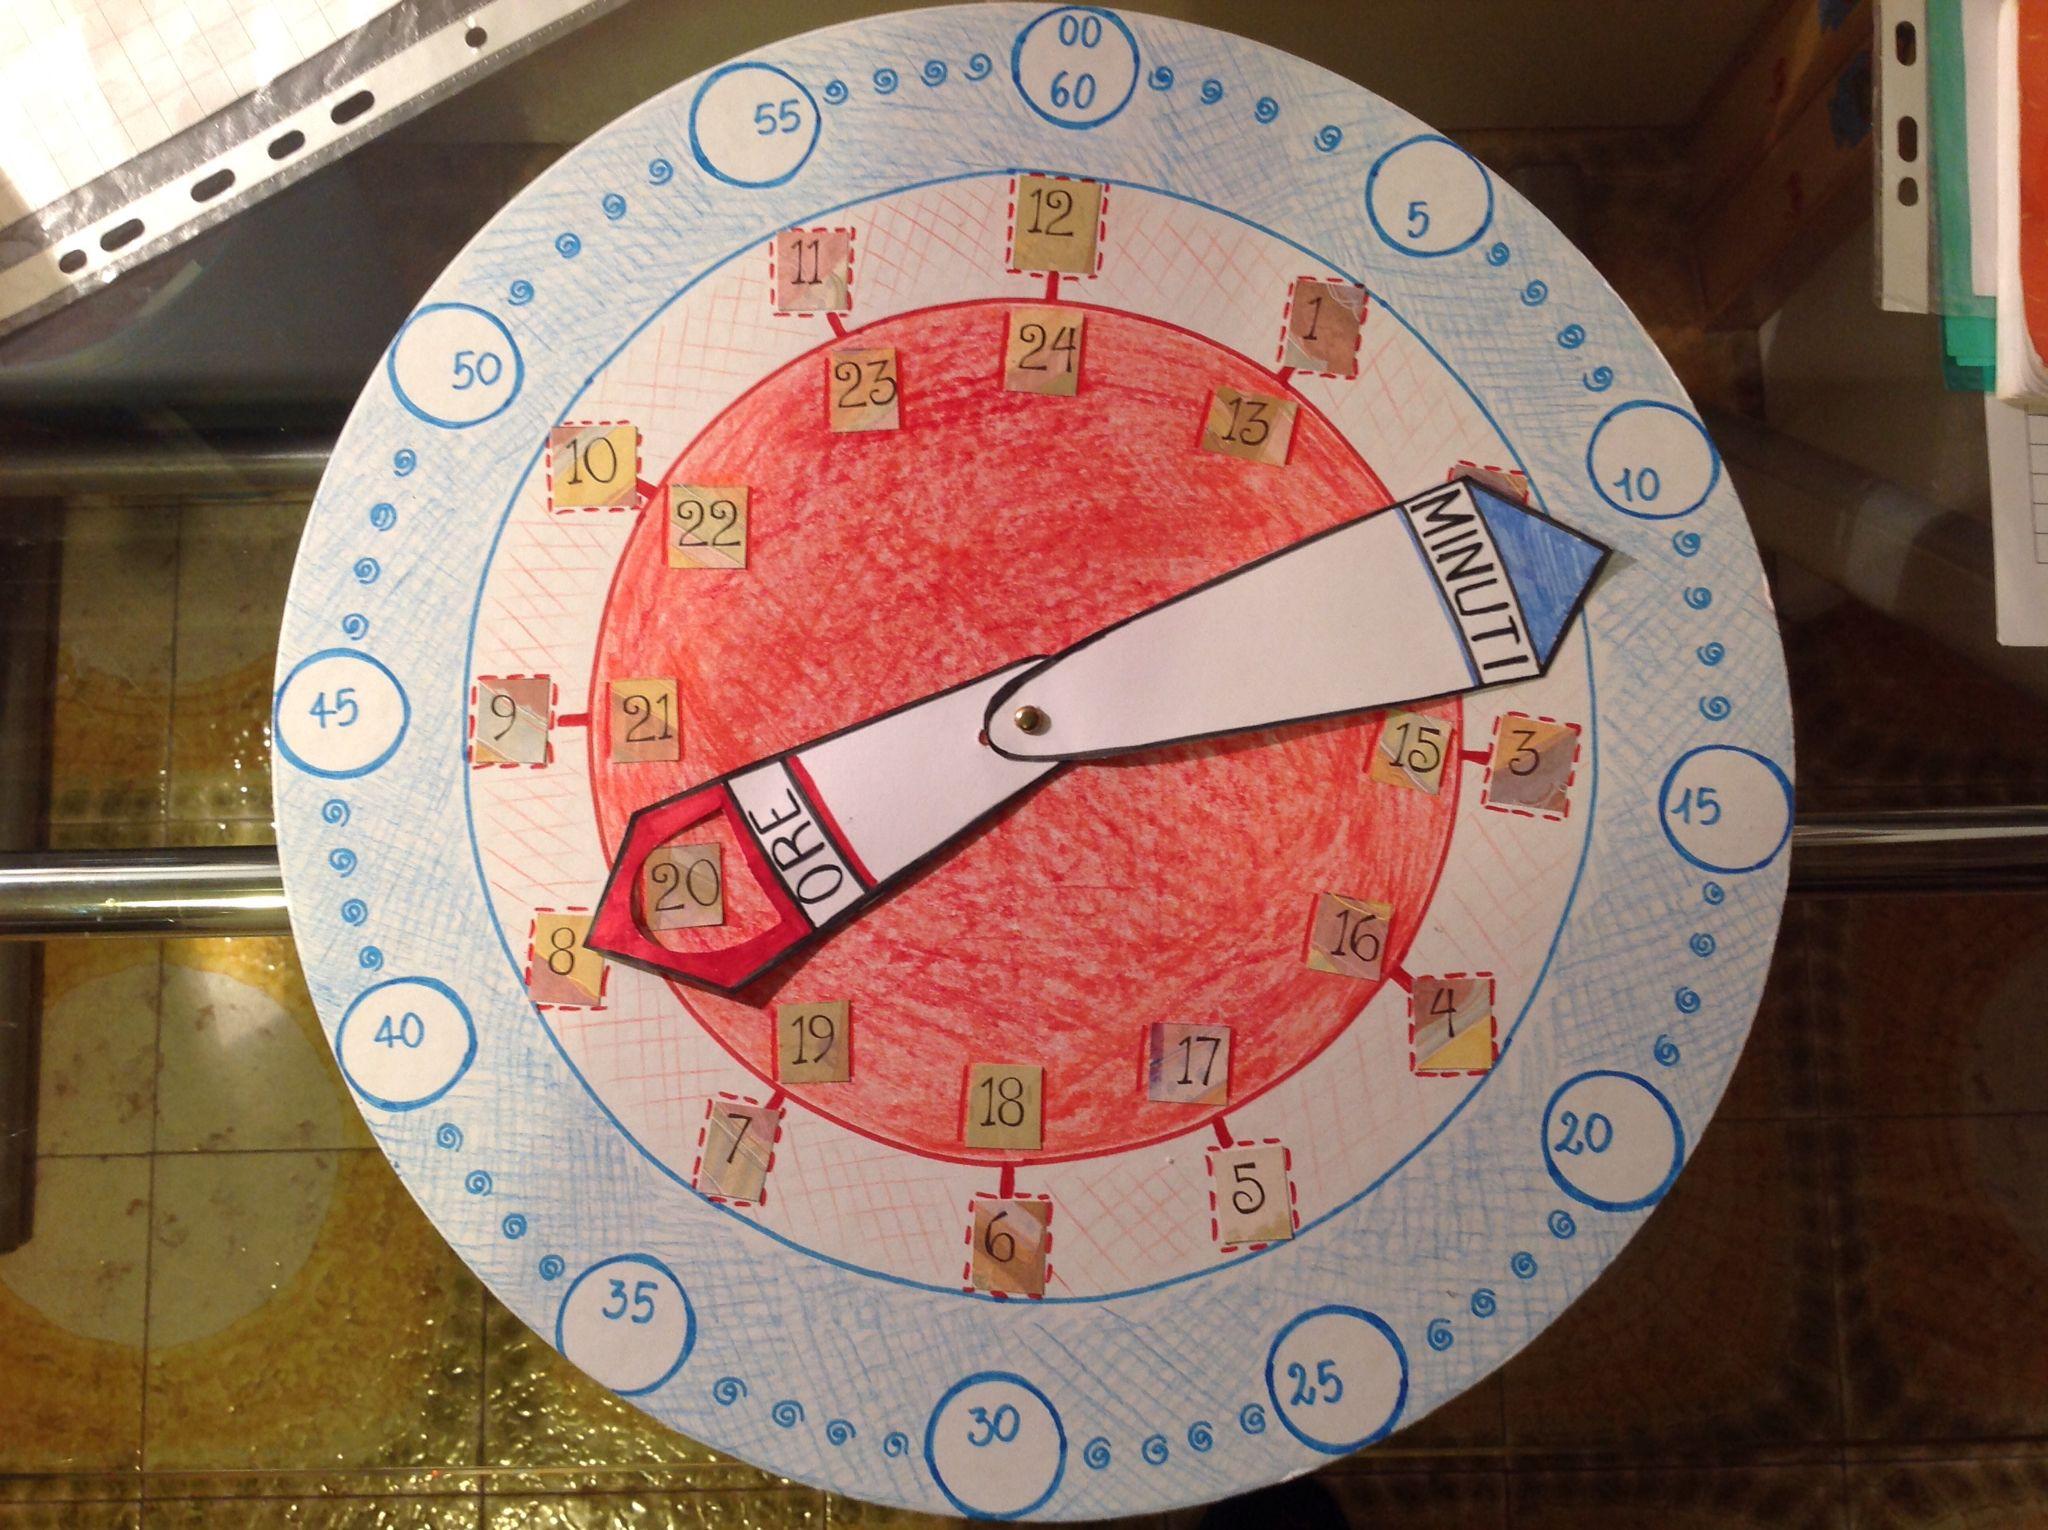 Orologio semplificato per imparare a leggere le lancette ...